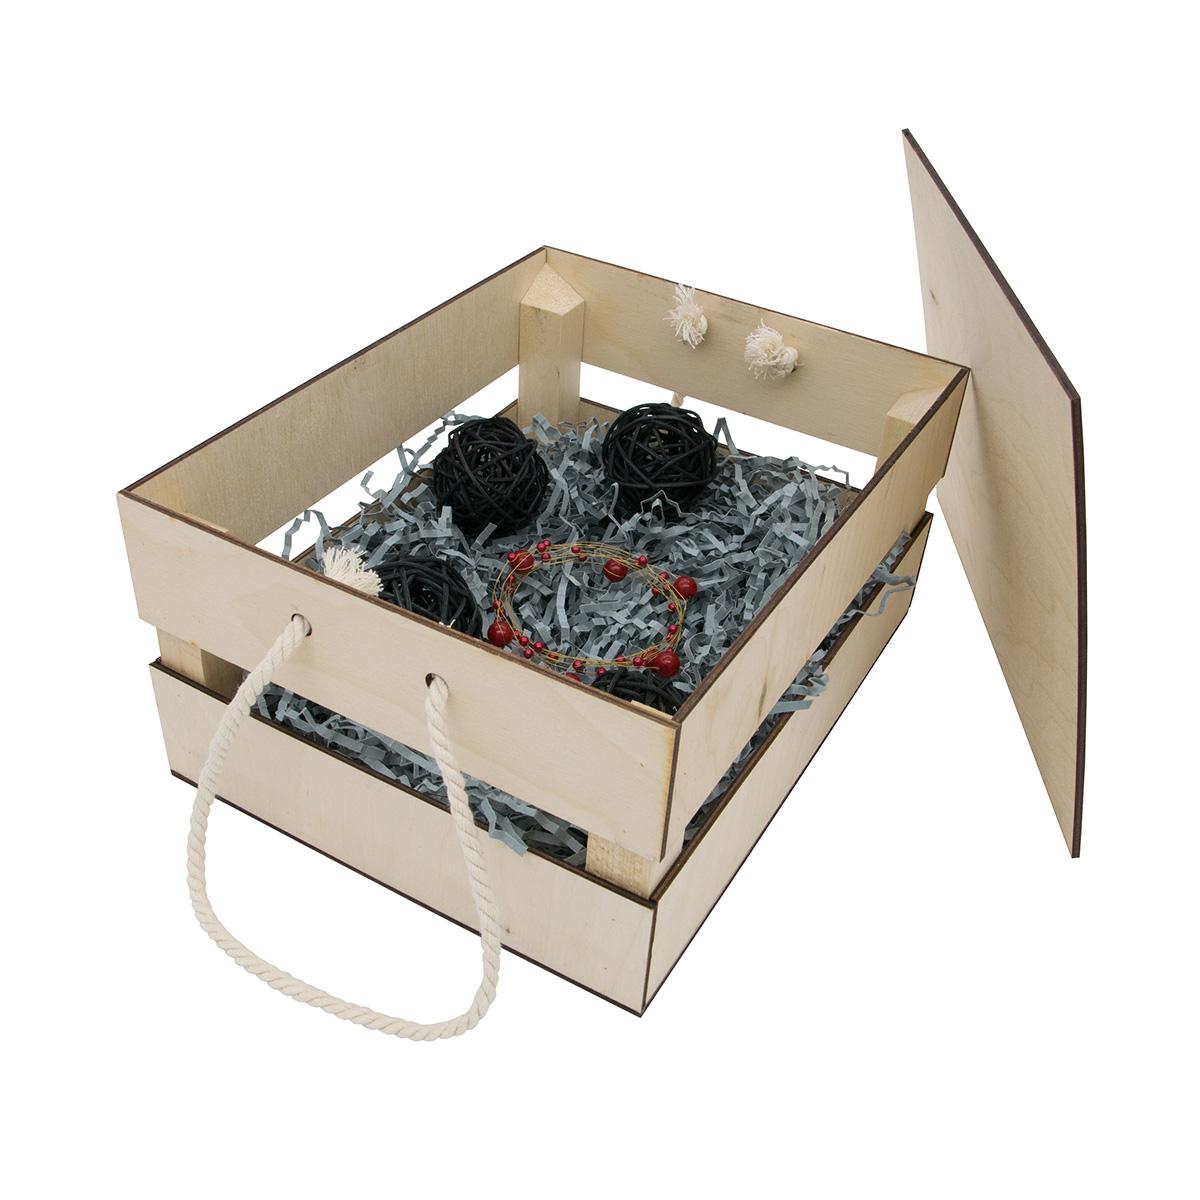 НА-028 Набор для оформления подарка 'Черный мужской', ящик 25*20 см, белый